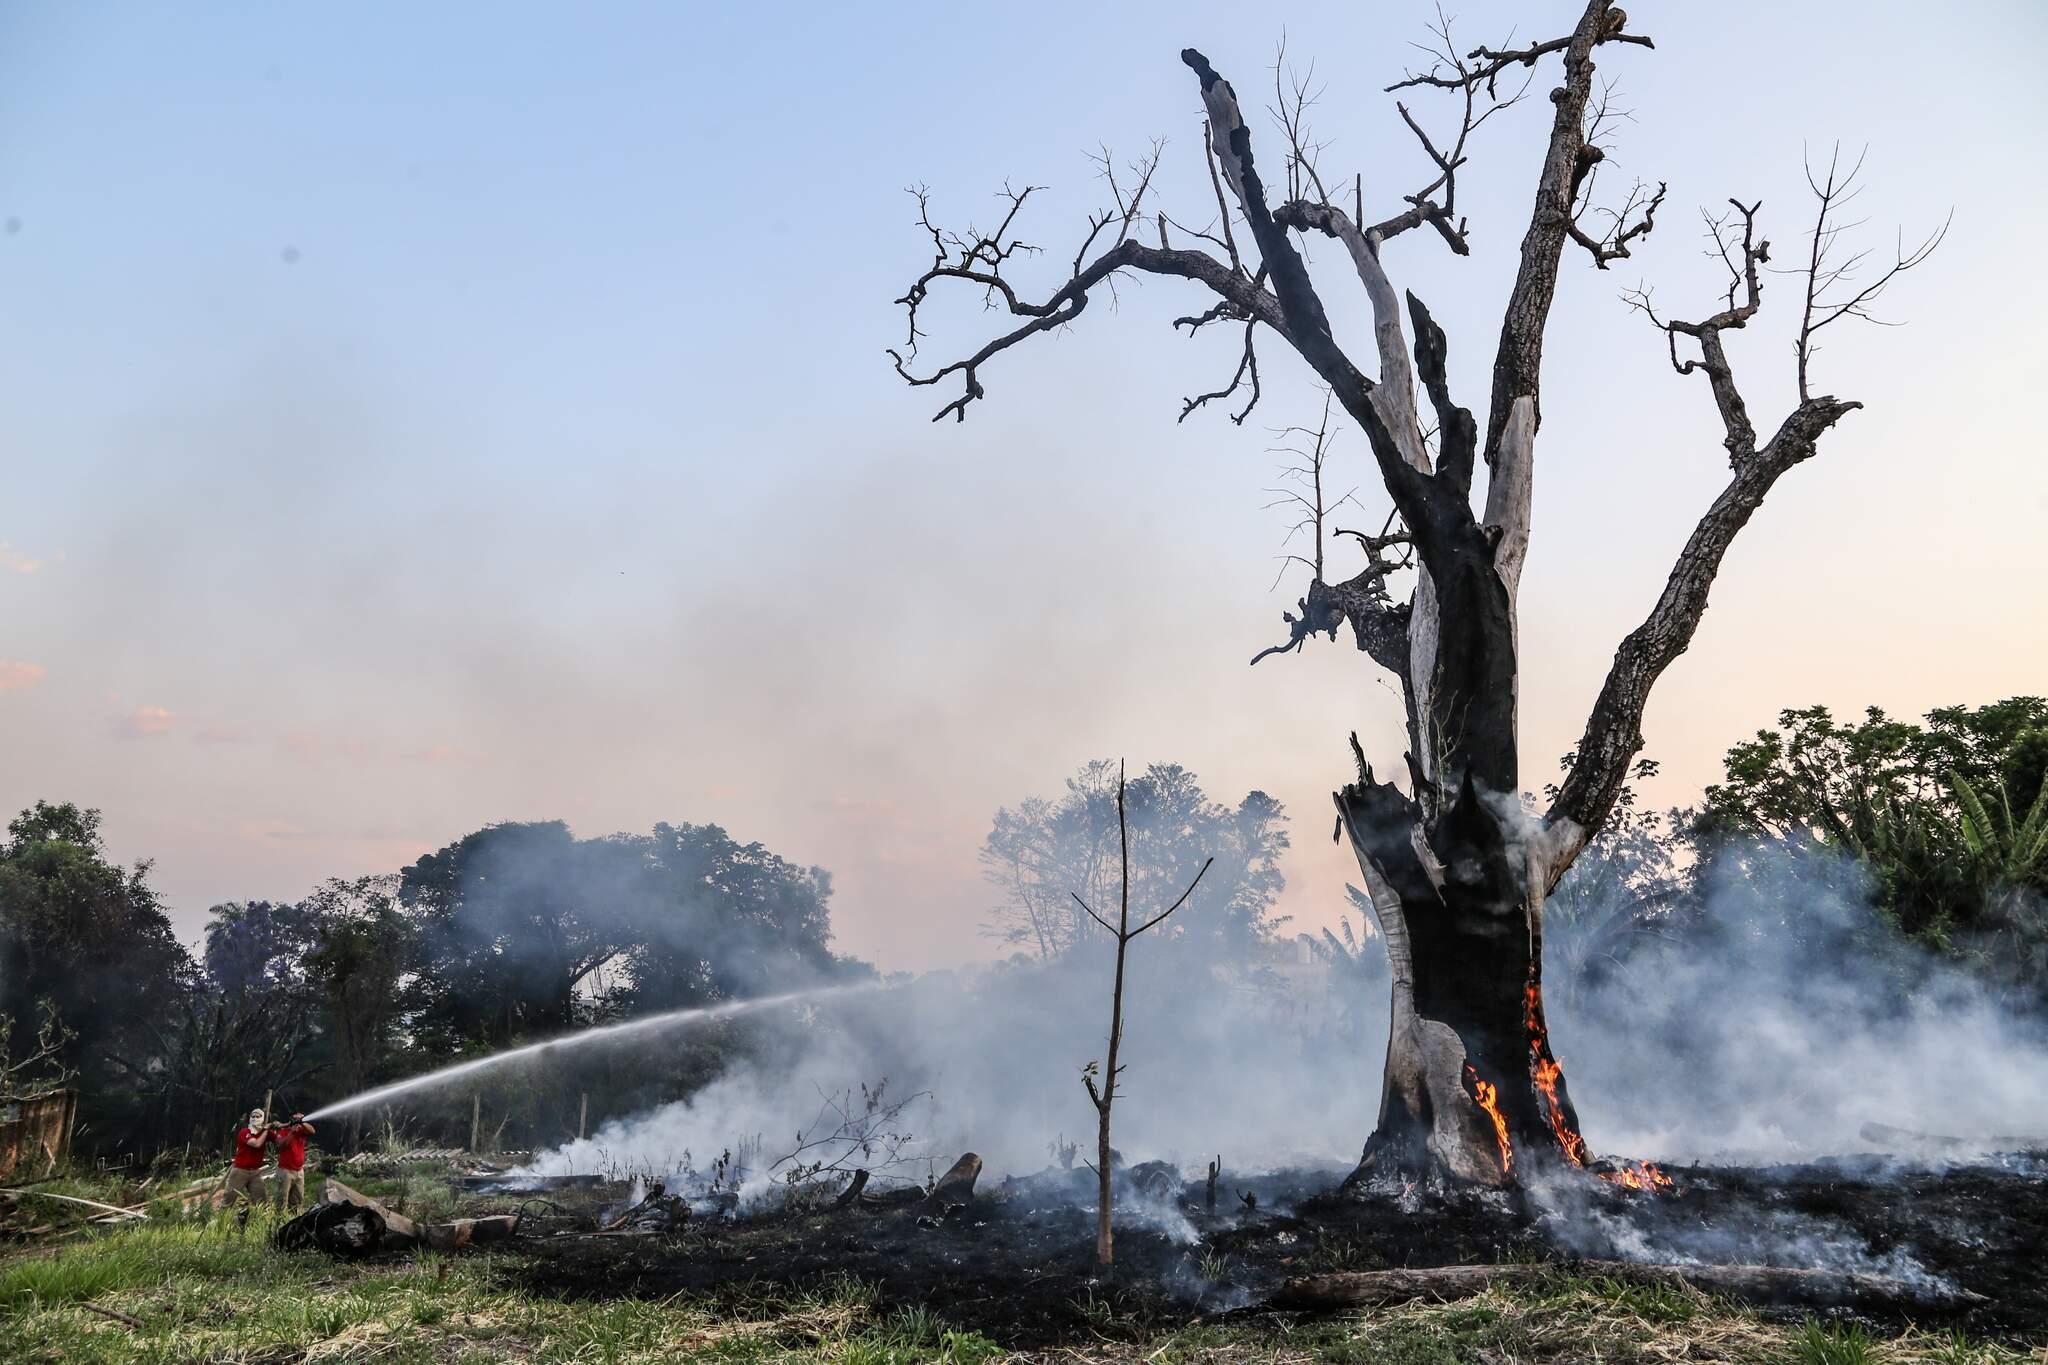 Bombeiros tentando apagar fogo que atingiu árvore. (Foto: Kísie Ainoã)